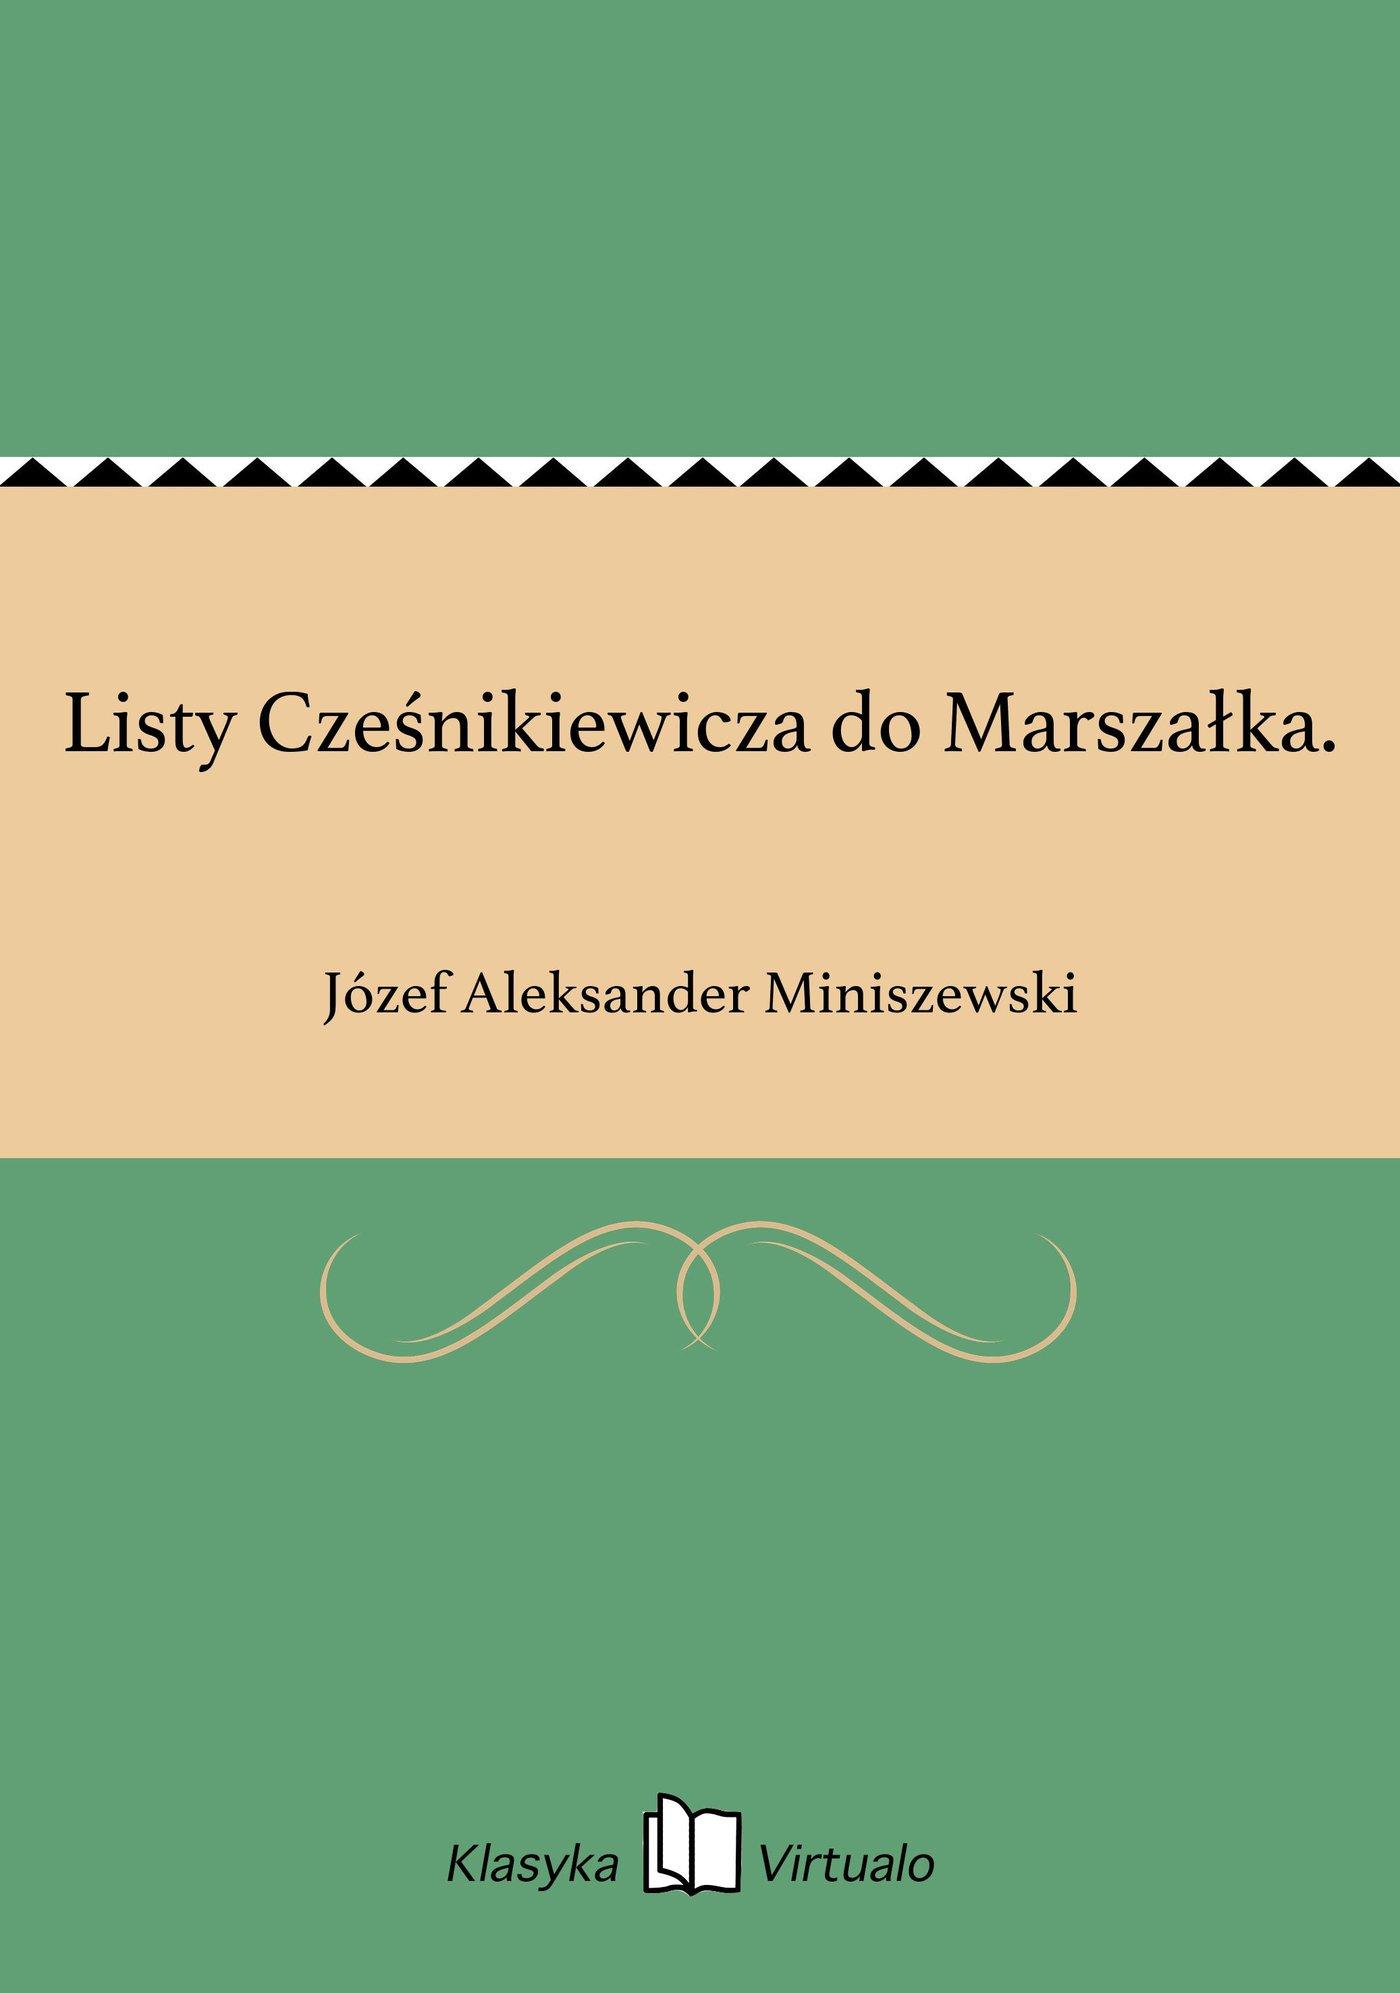 Listy Cześnikiewicza do Marszałka. - Ebook (Książka EPUB) do pobrania w formacie EPUB